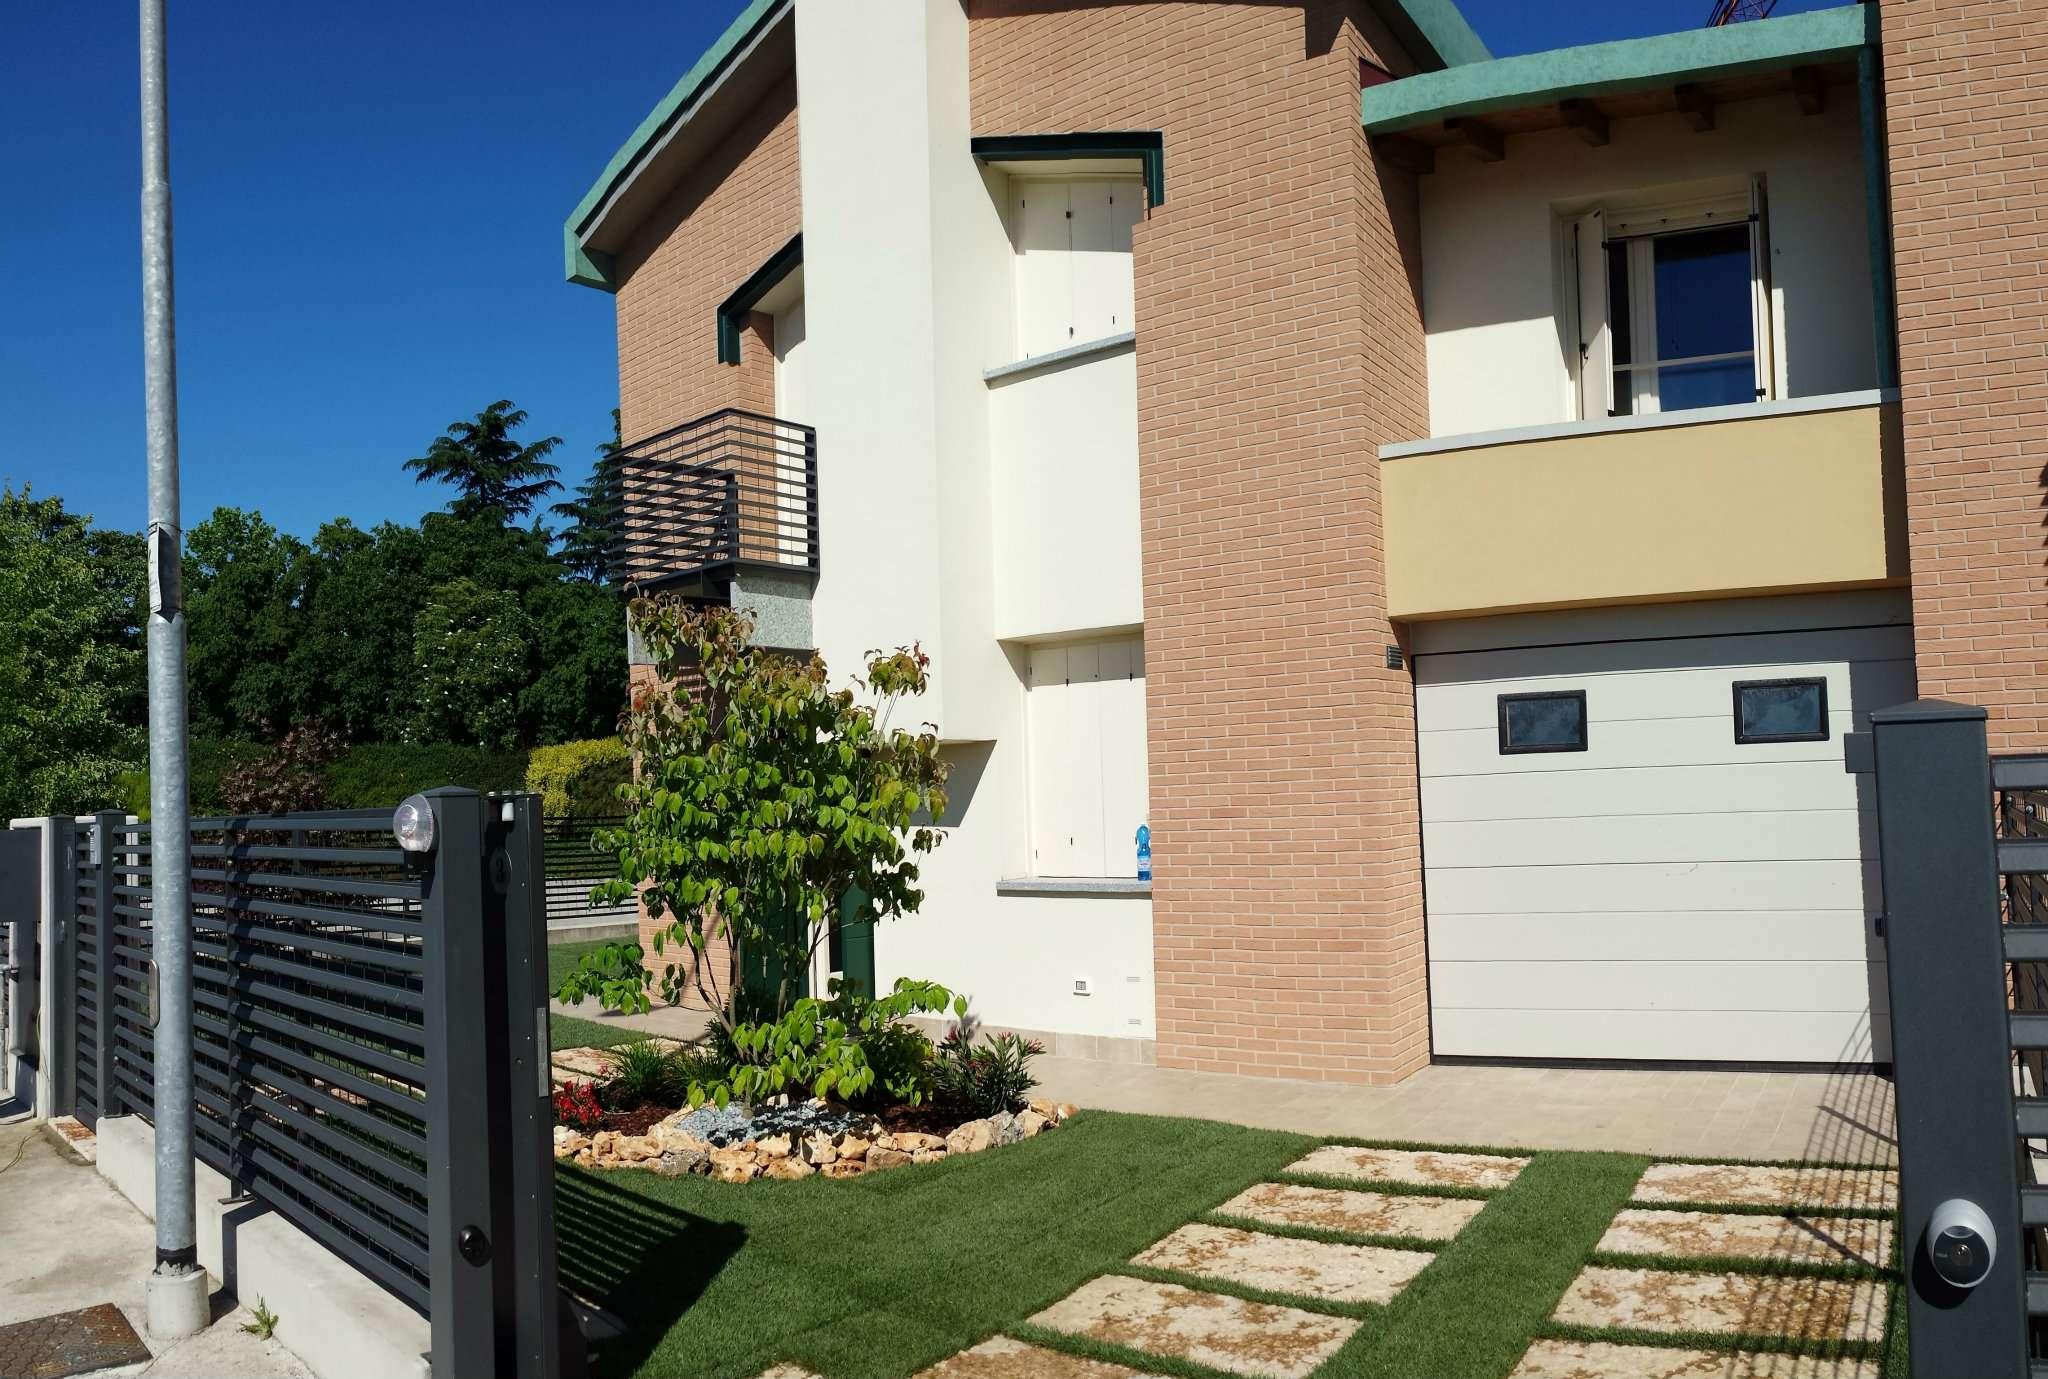 Villa di 5 Locali, Nuova, Classe A4